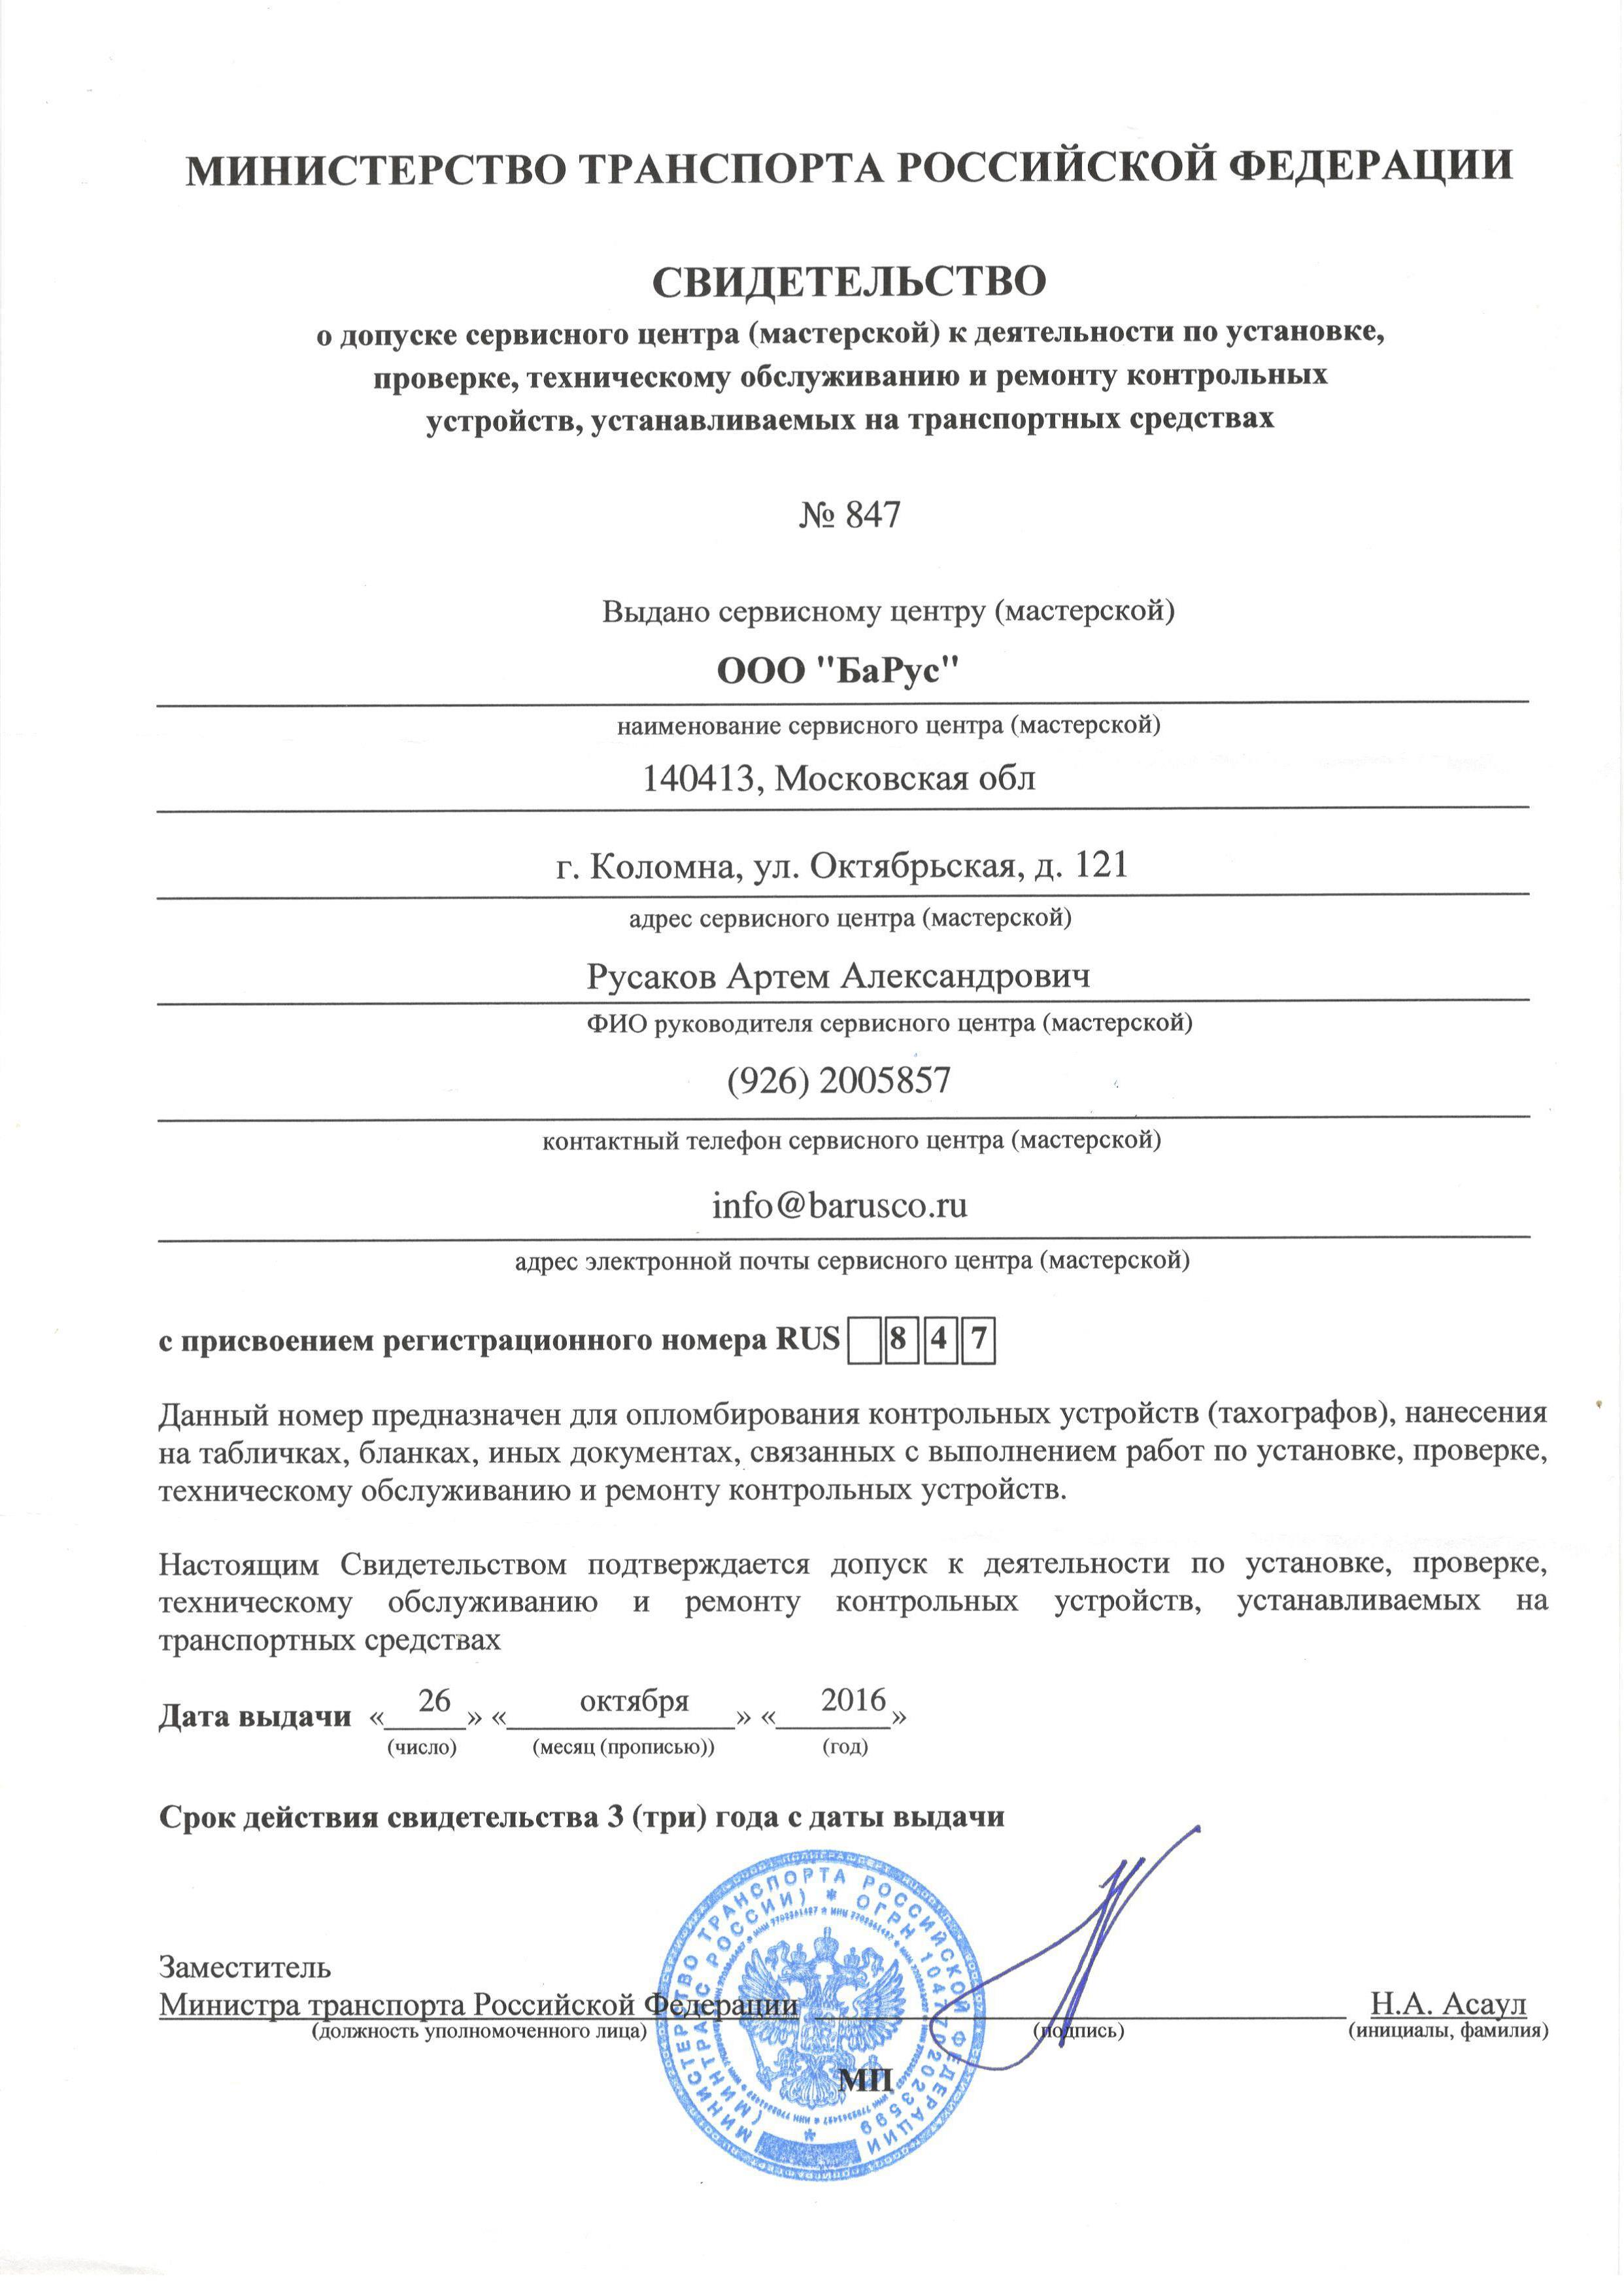 Лицензии и сертификаты Клеймо БаРус ЕСТР RUS 847